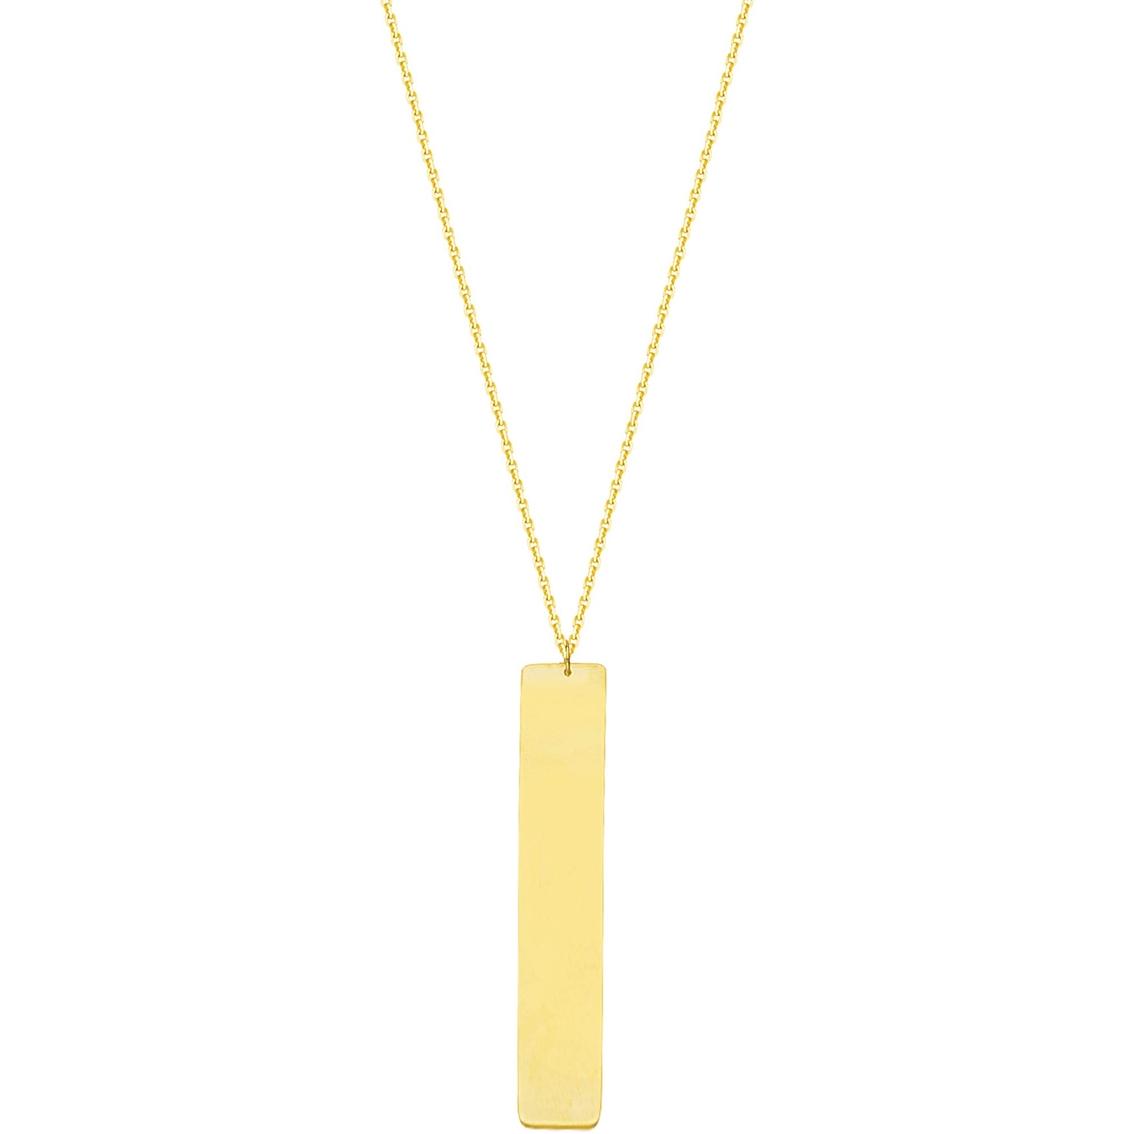 14k gold adjustable bar name plate necklace gold. Black Bedroom Furniture Sets. Home Design Ideas